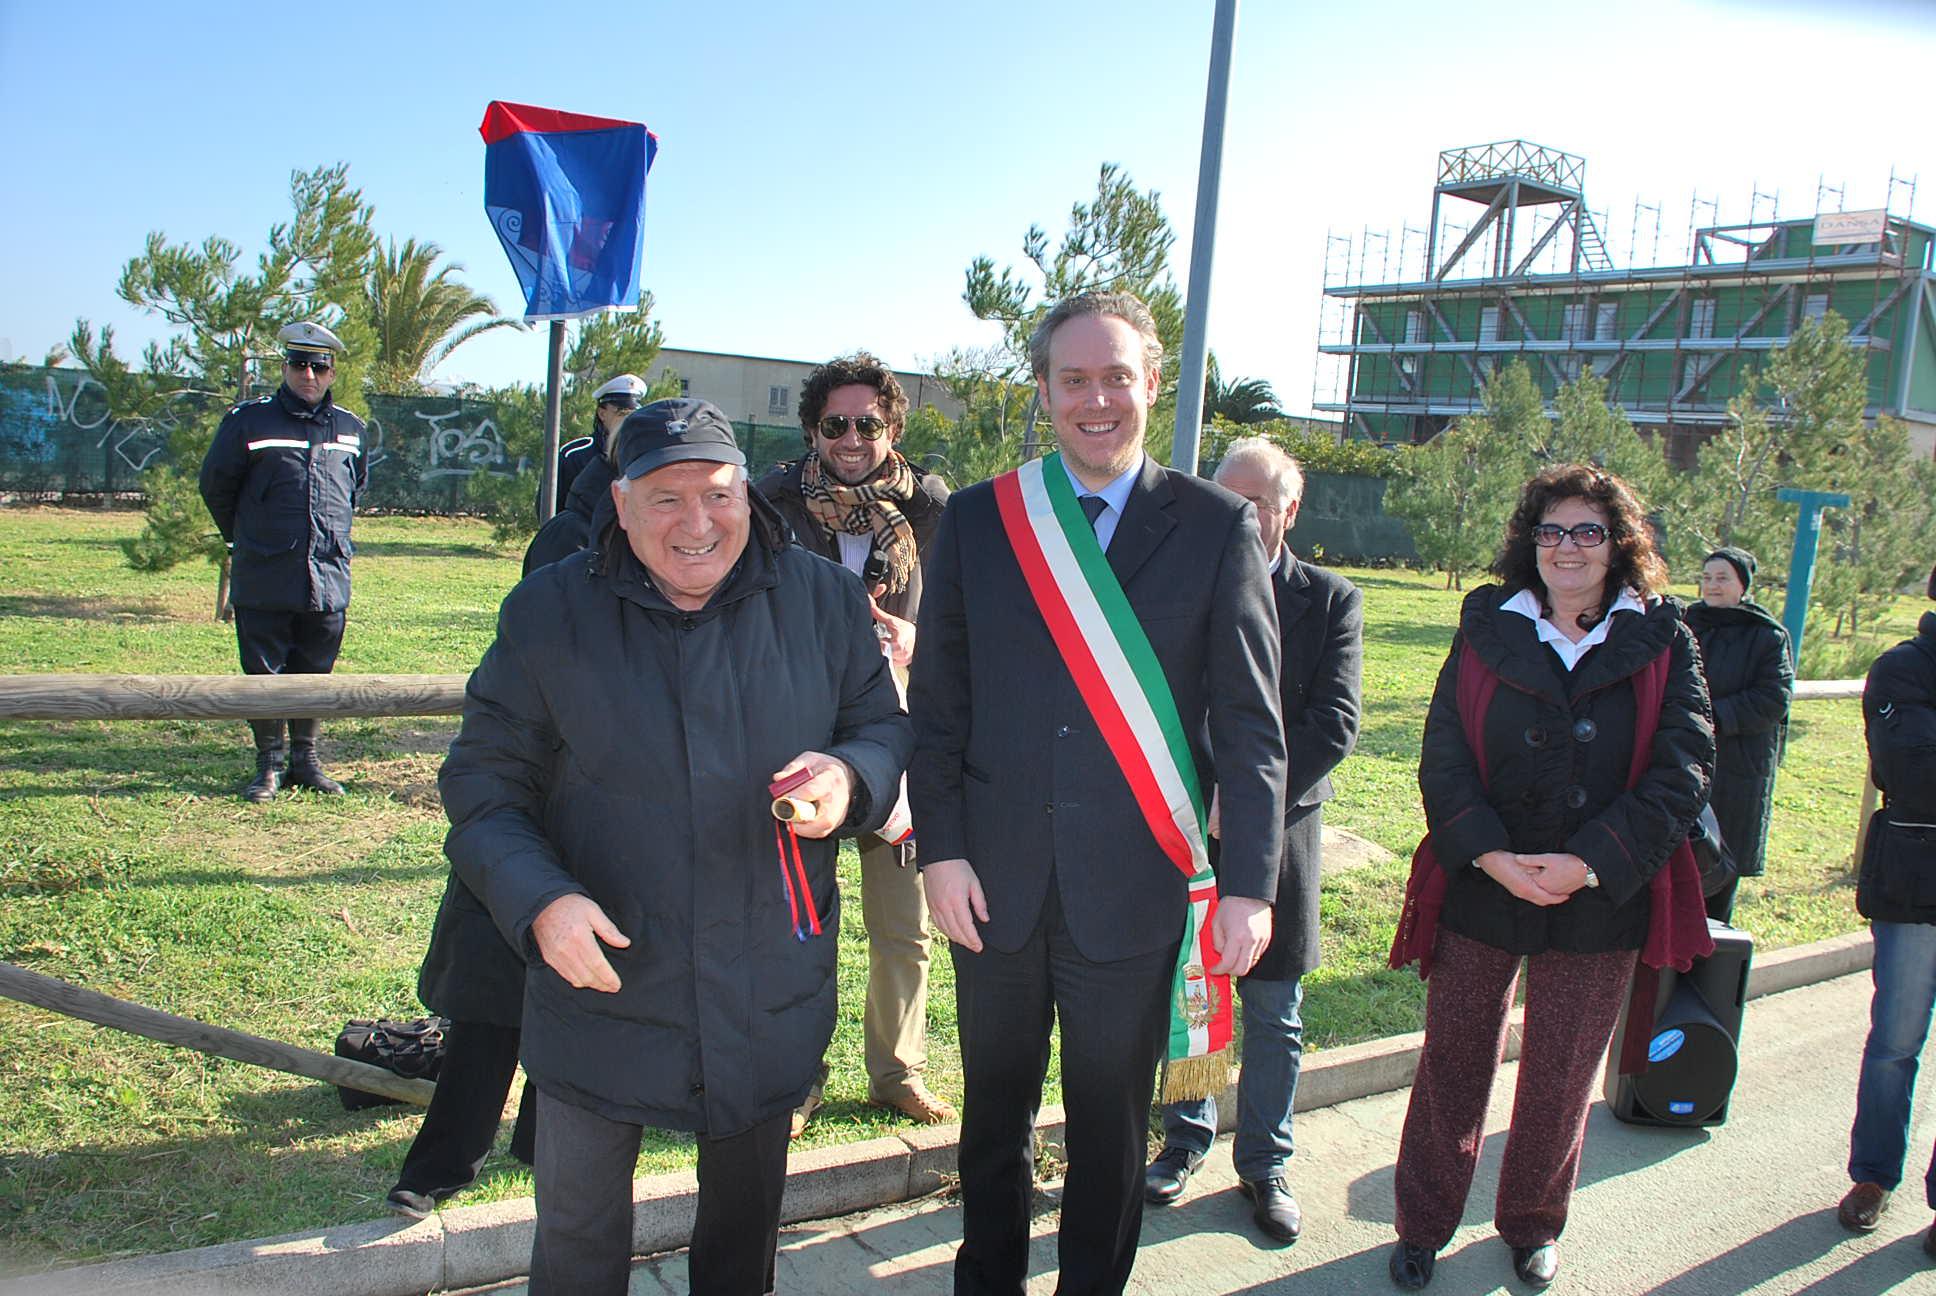 Mario Luciani premiato alla festa funai 3 febbraio 2011